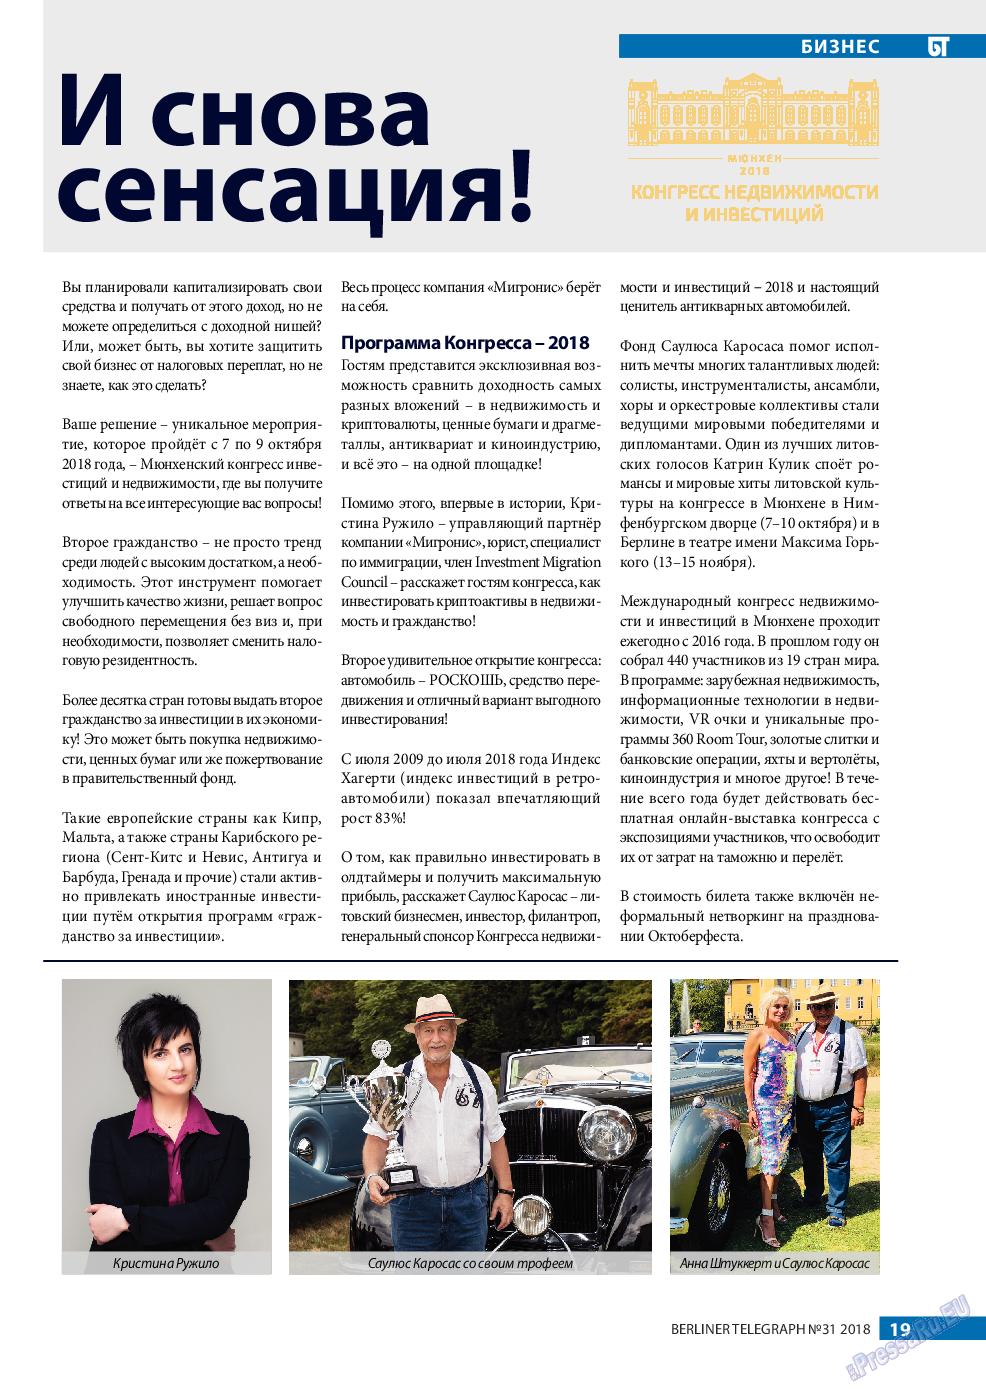 Берлинский телеграф (журнал). 2018 год, номер 31, стр. 19